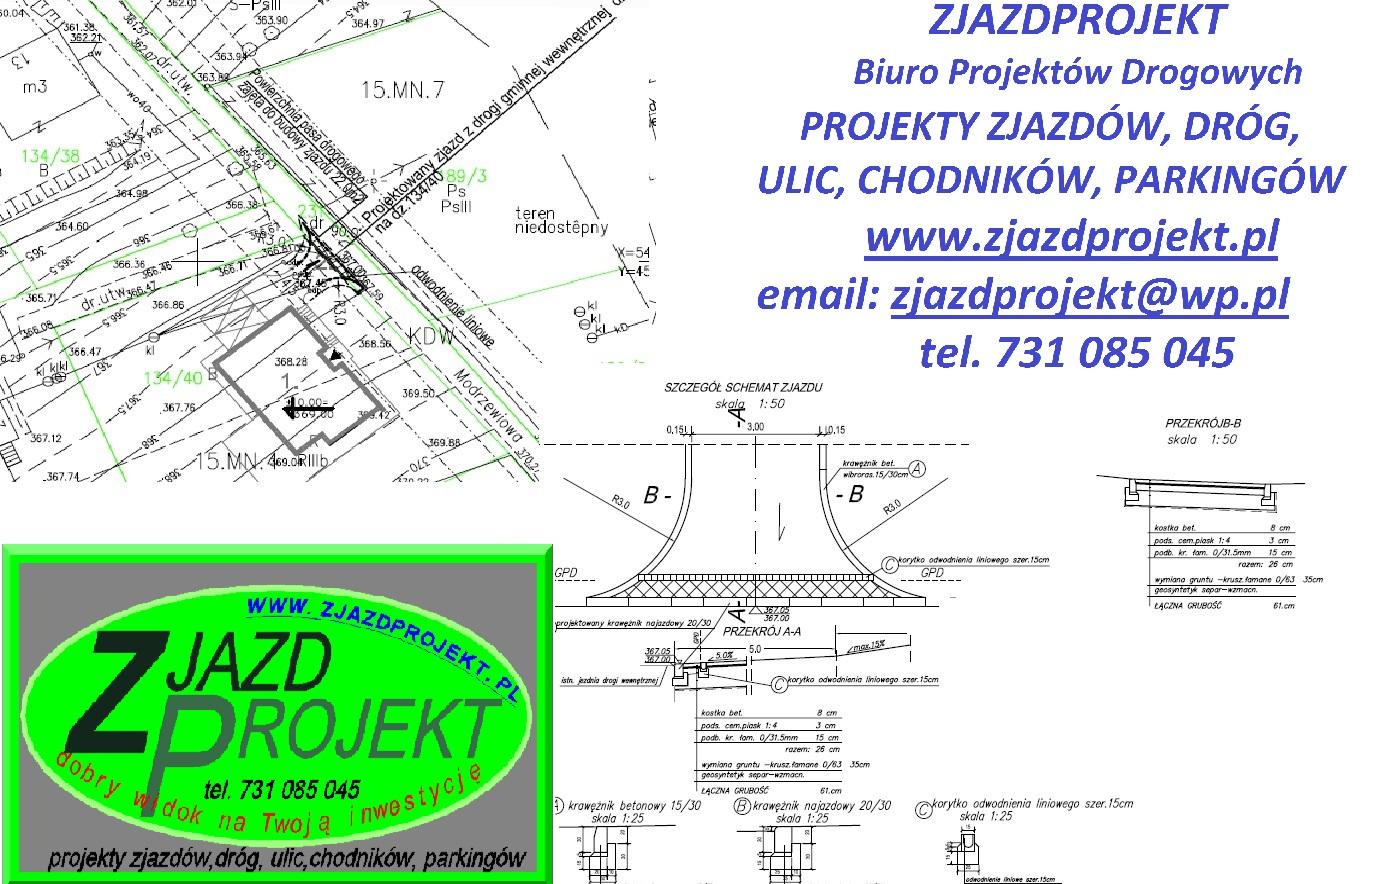 Znane Projekt zjazdu z drogi - ZJAZDPROJEKT-projekty drogi, chodnika  UU-52